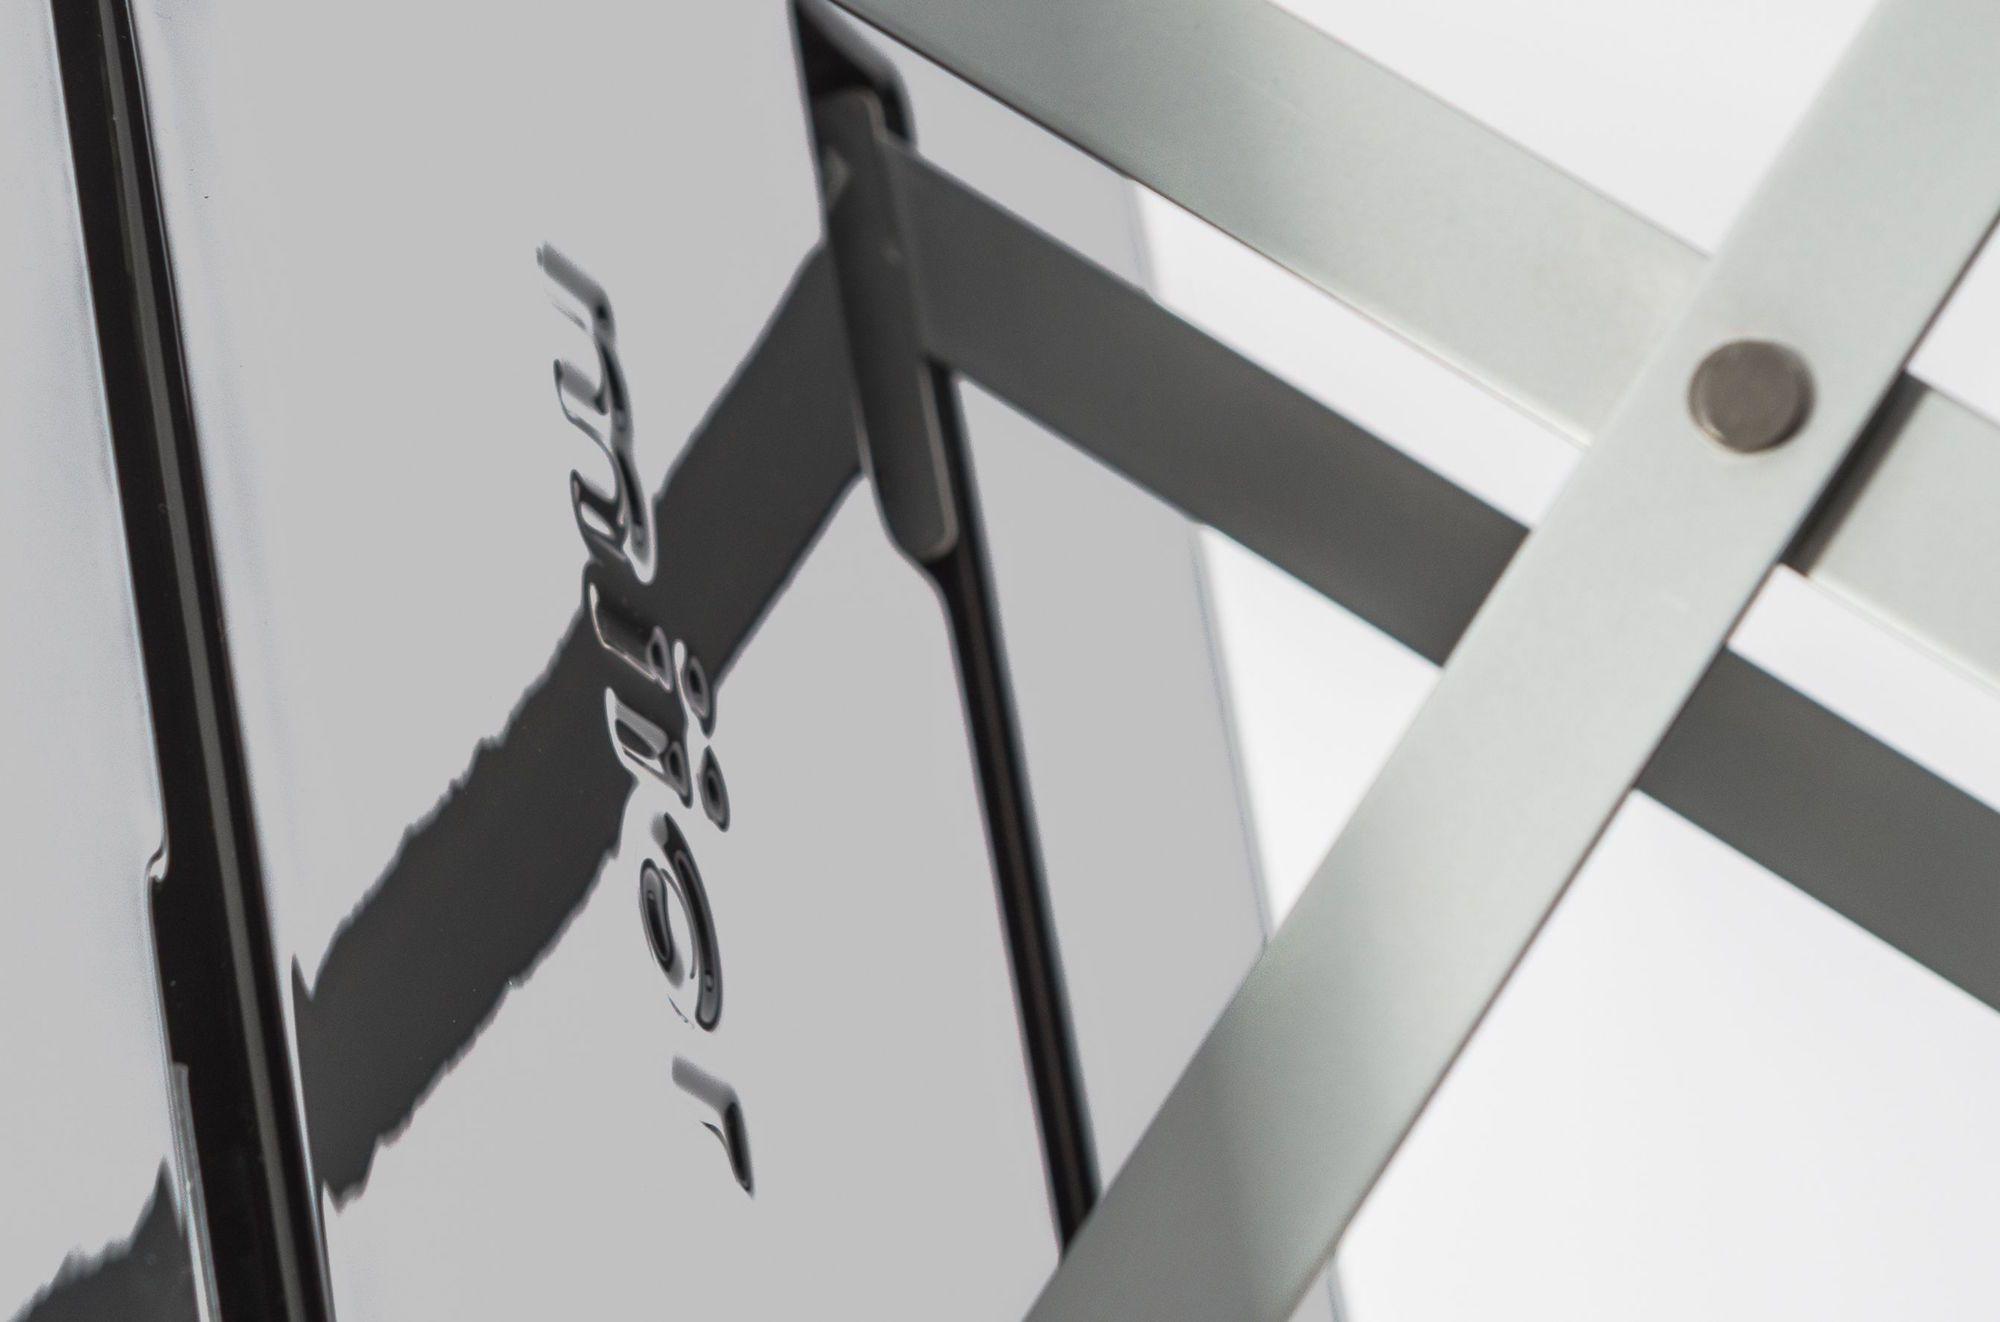 Al_back_closeup1